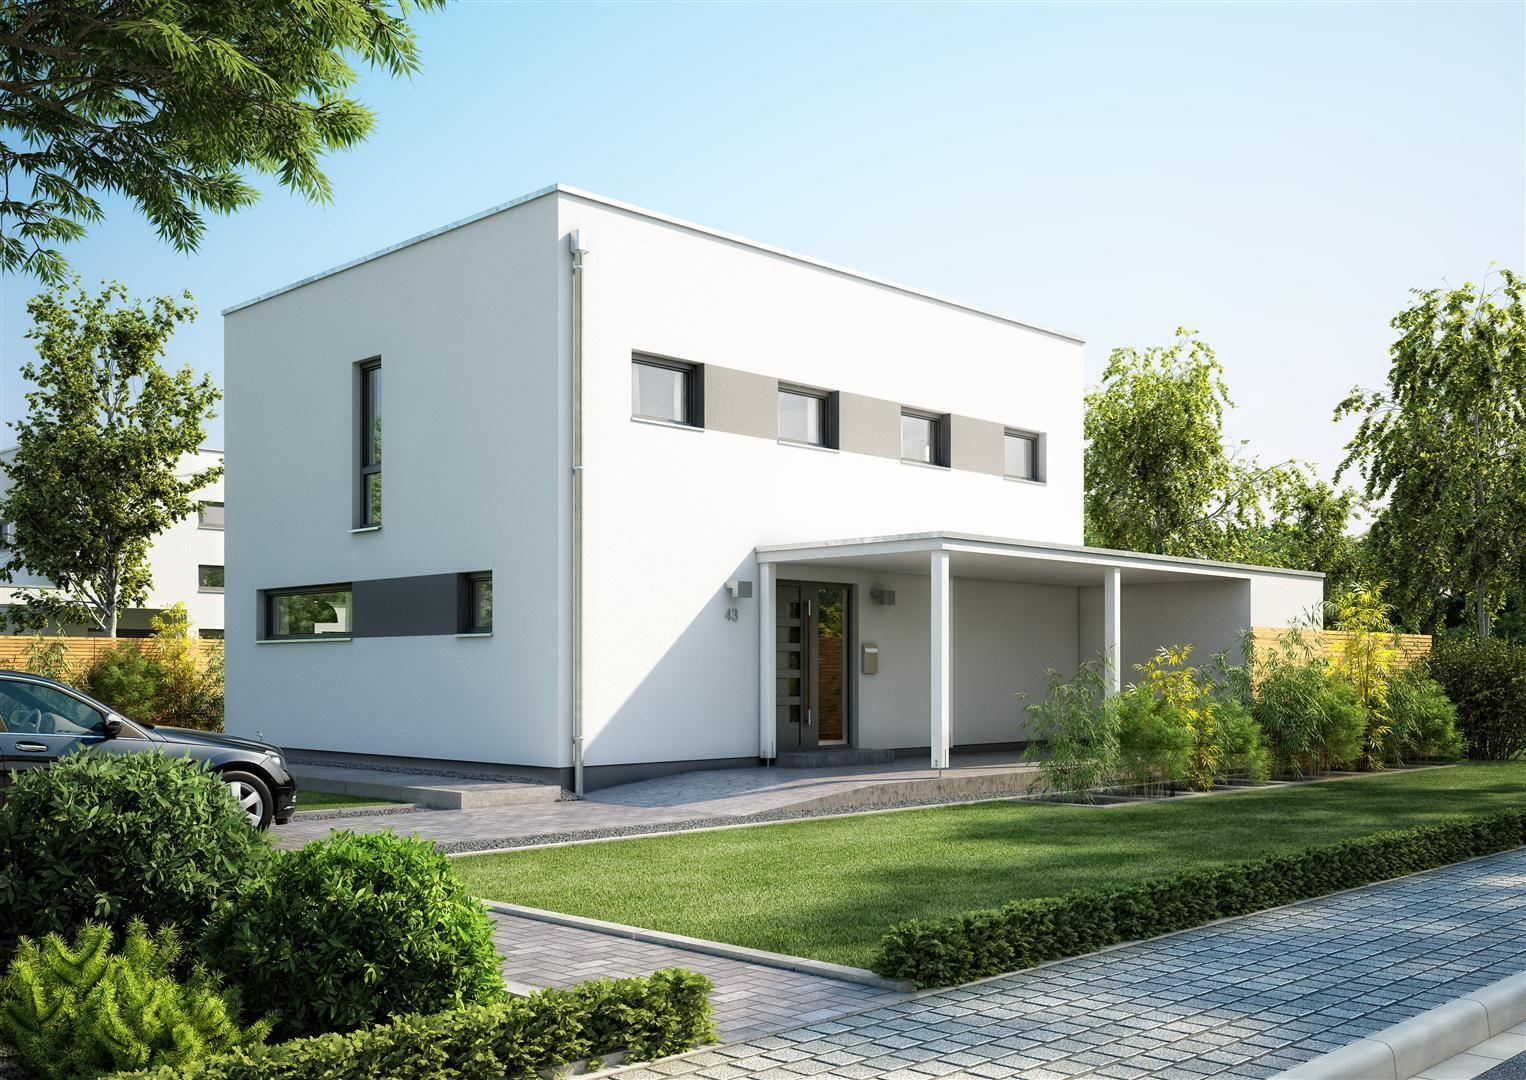 Etos bauhaus pur etos steht für eine anspruchsvolle und zeitlose architektur angelehnt an